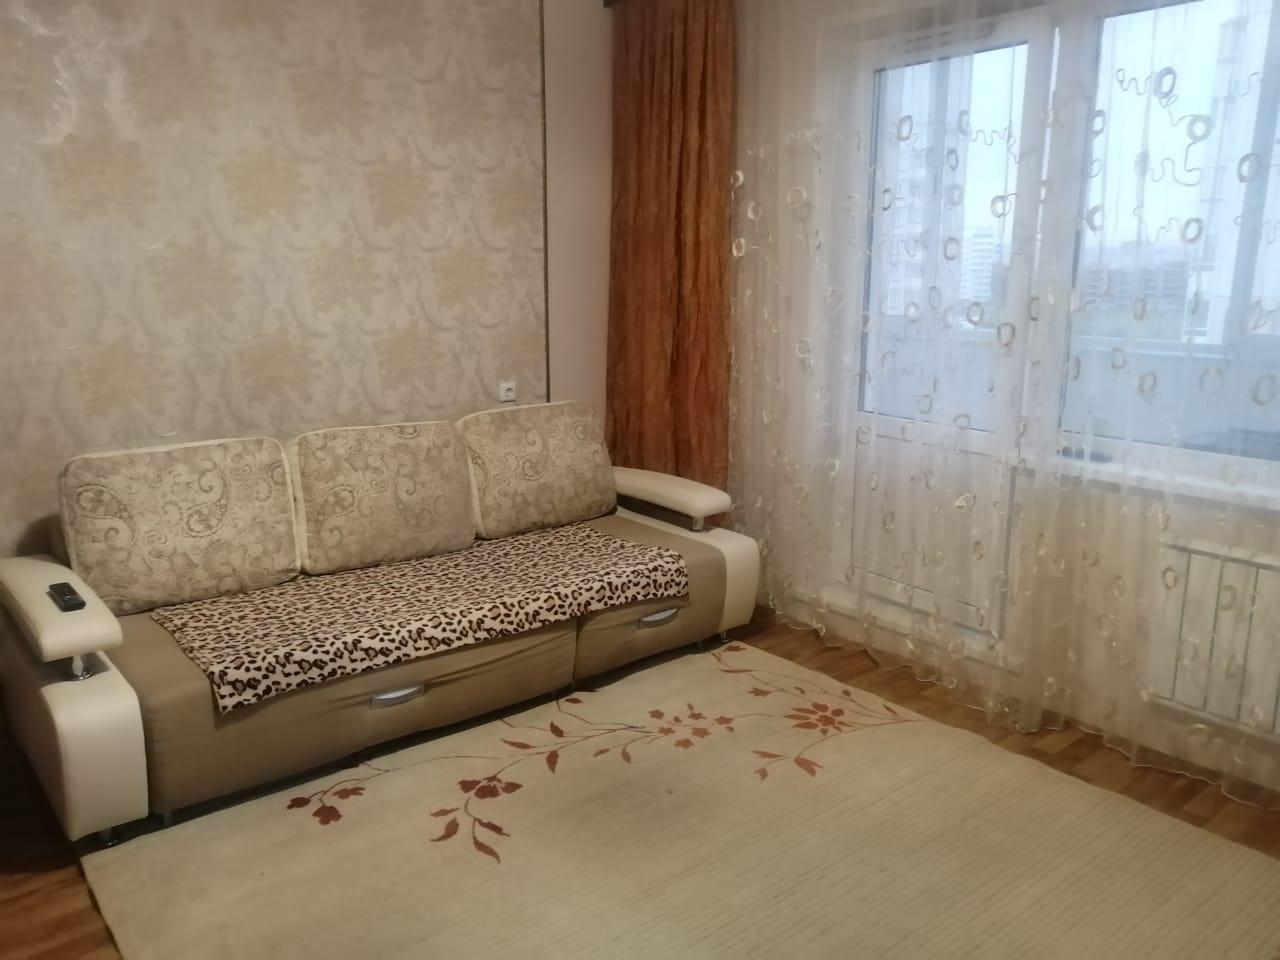 1к квартира улица 9 Мая, 55, Россия | 23000 | аренда в Красноярске фото 1